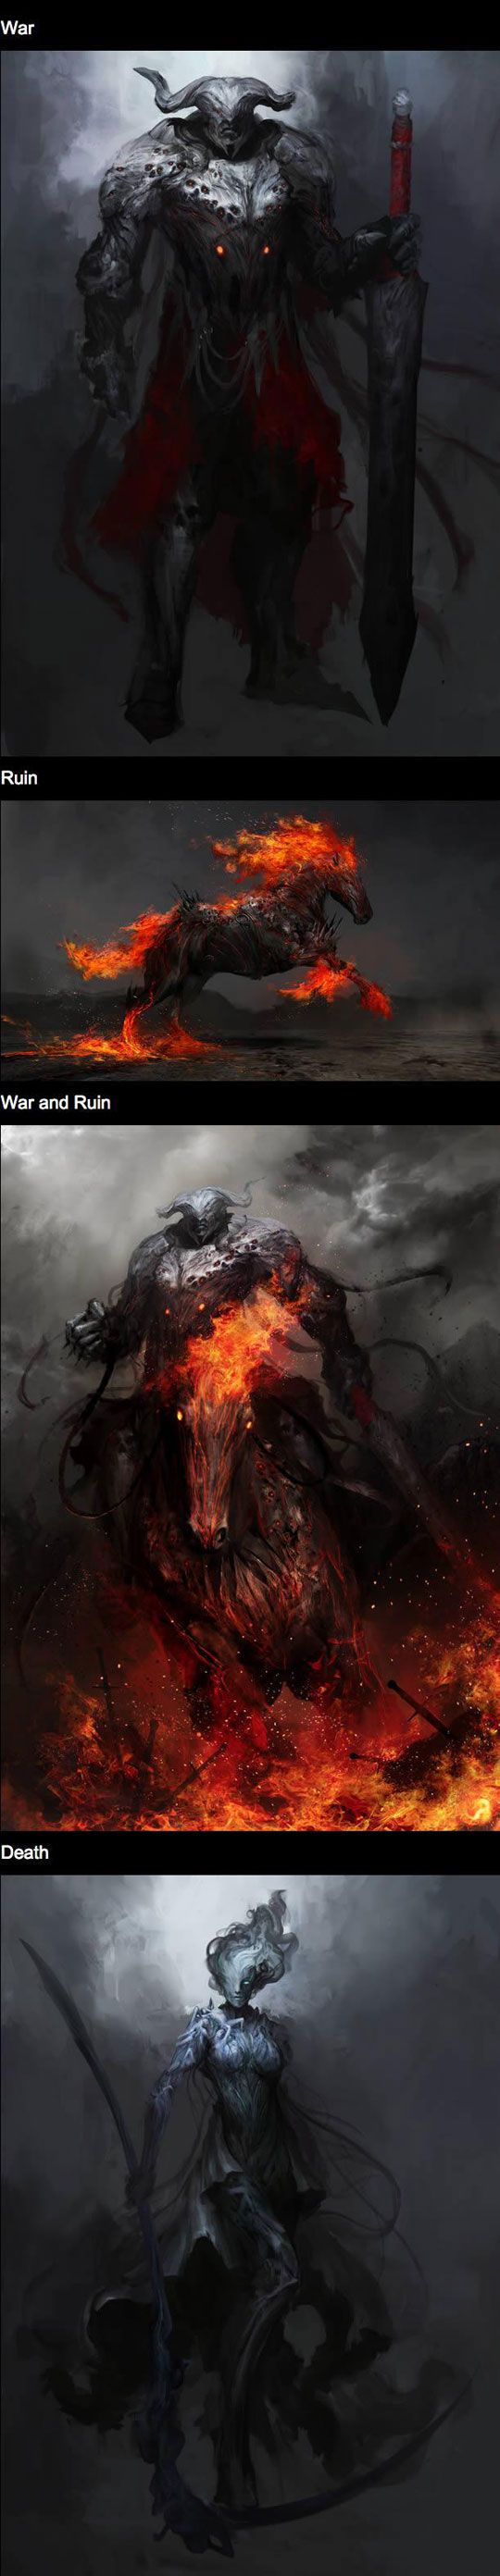 O cavaleiro da guerra montado sobre o cavalo vermelho flamejante da ruína. Sua arma era uma espada, representando o sangue derramado no campo de batalha. Ele traz a guerra.